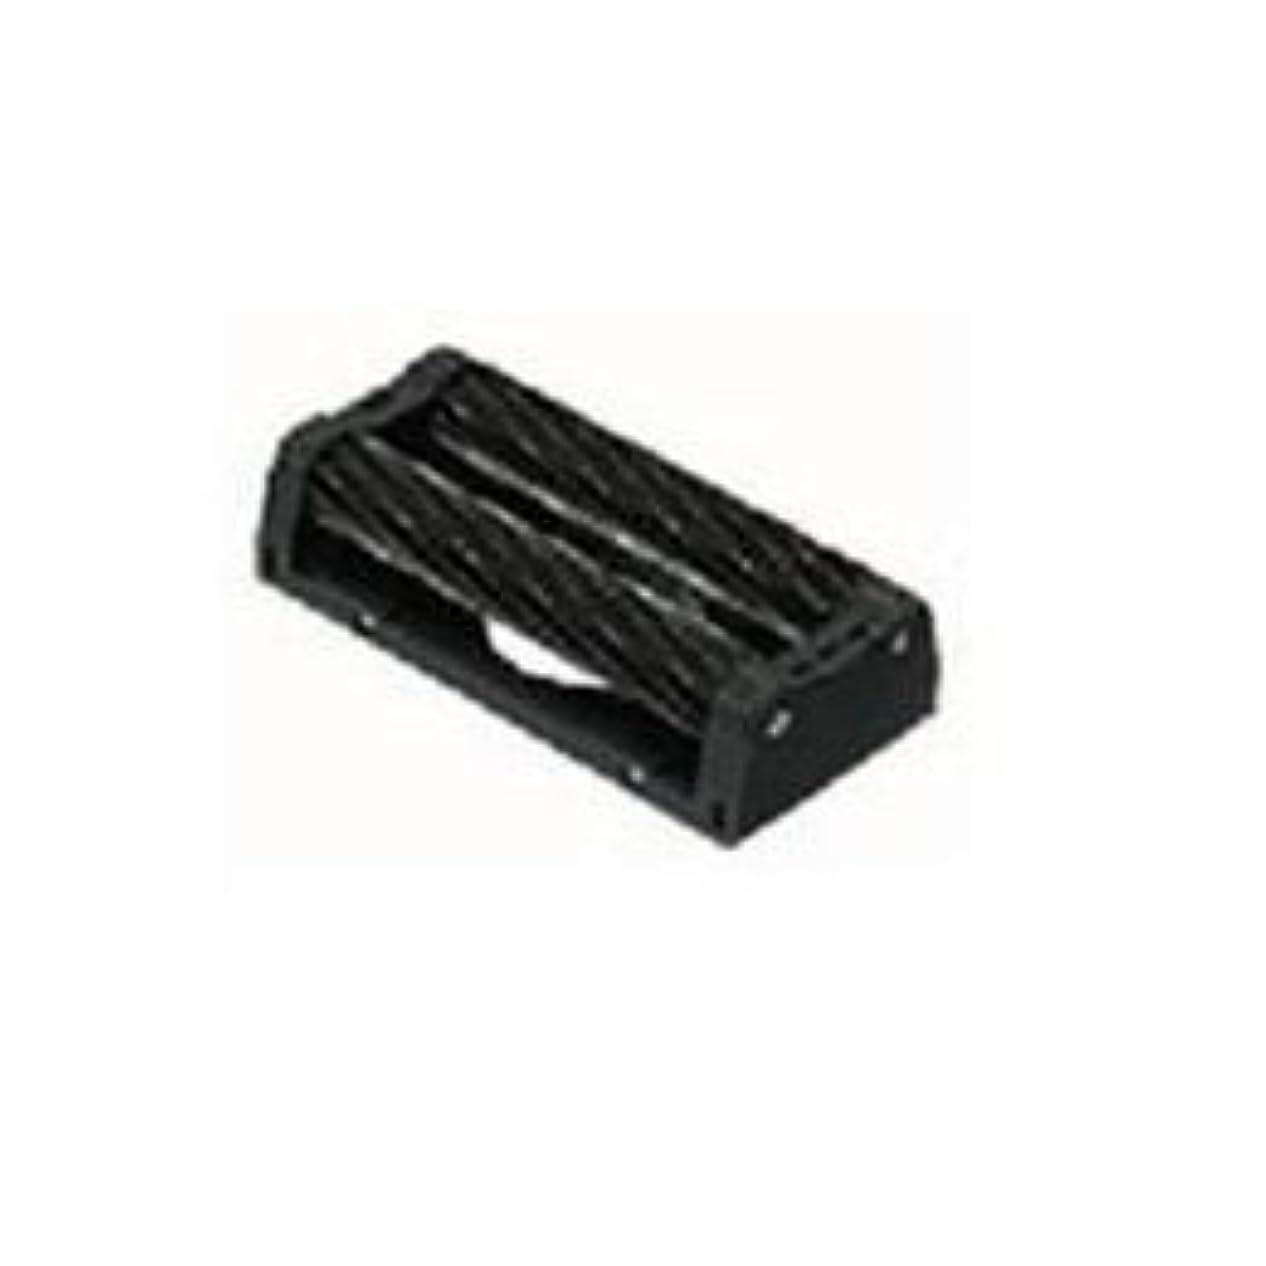 羽伝説手配する日立 ロータリー式シェーバー替刃(内刃) K-TX9U